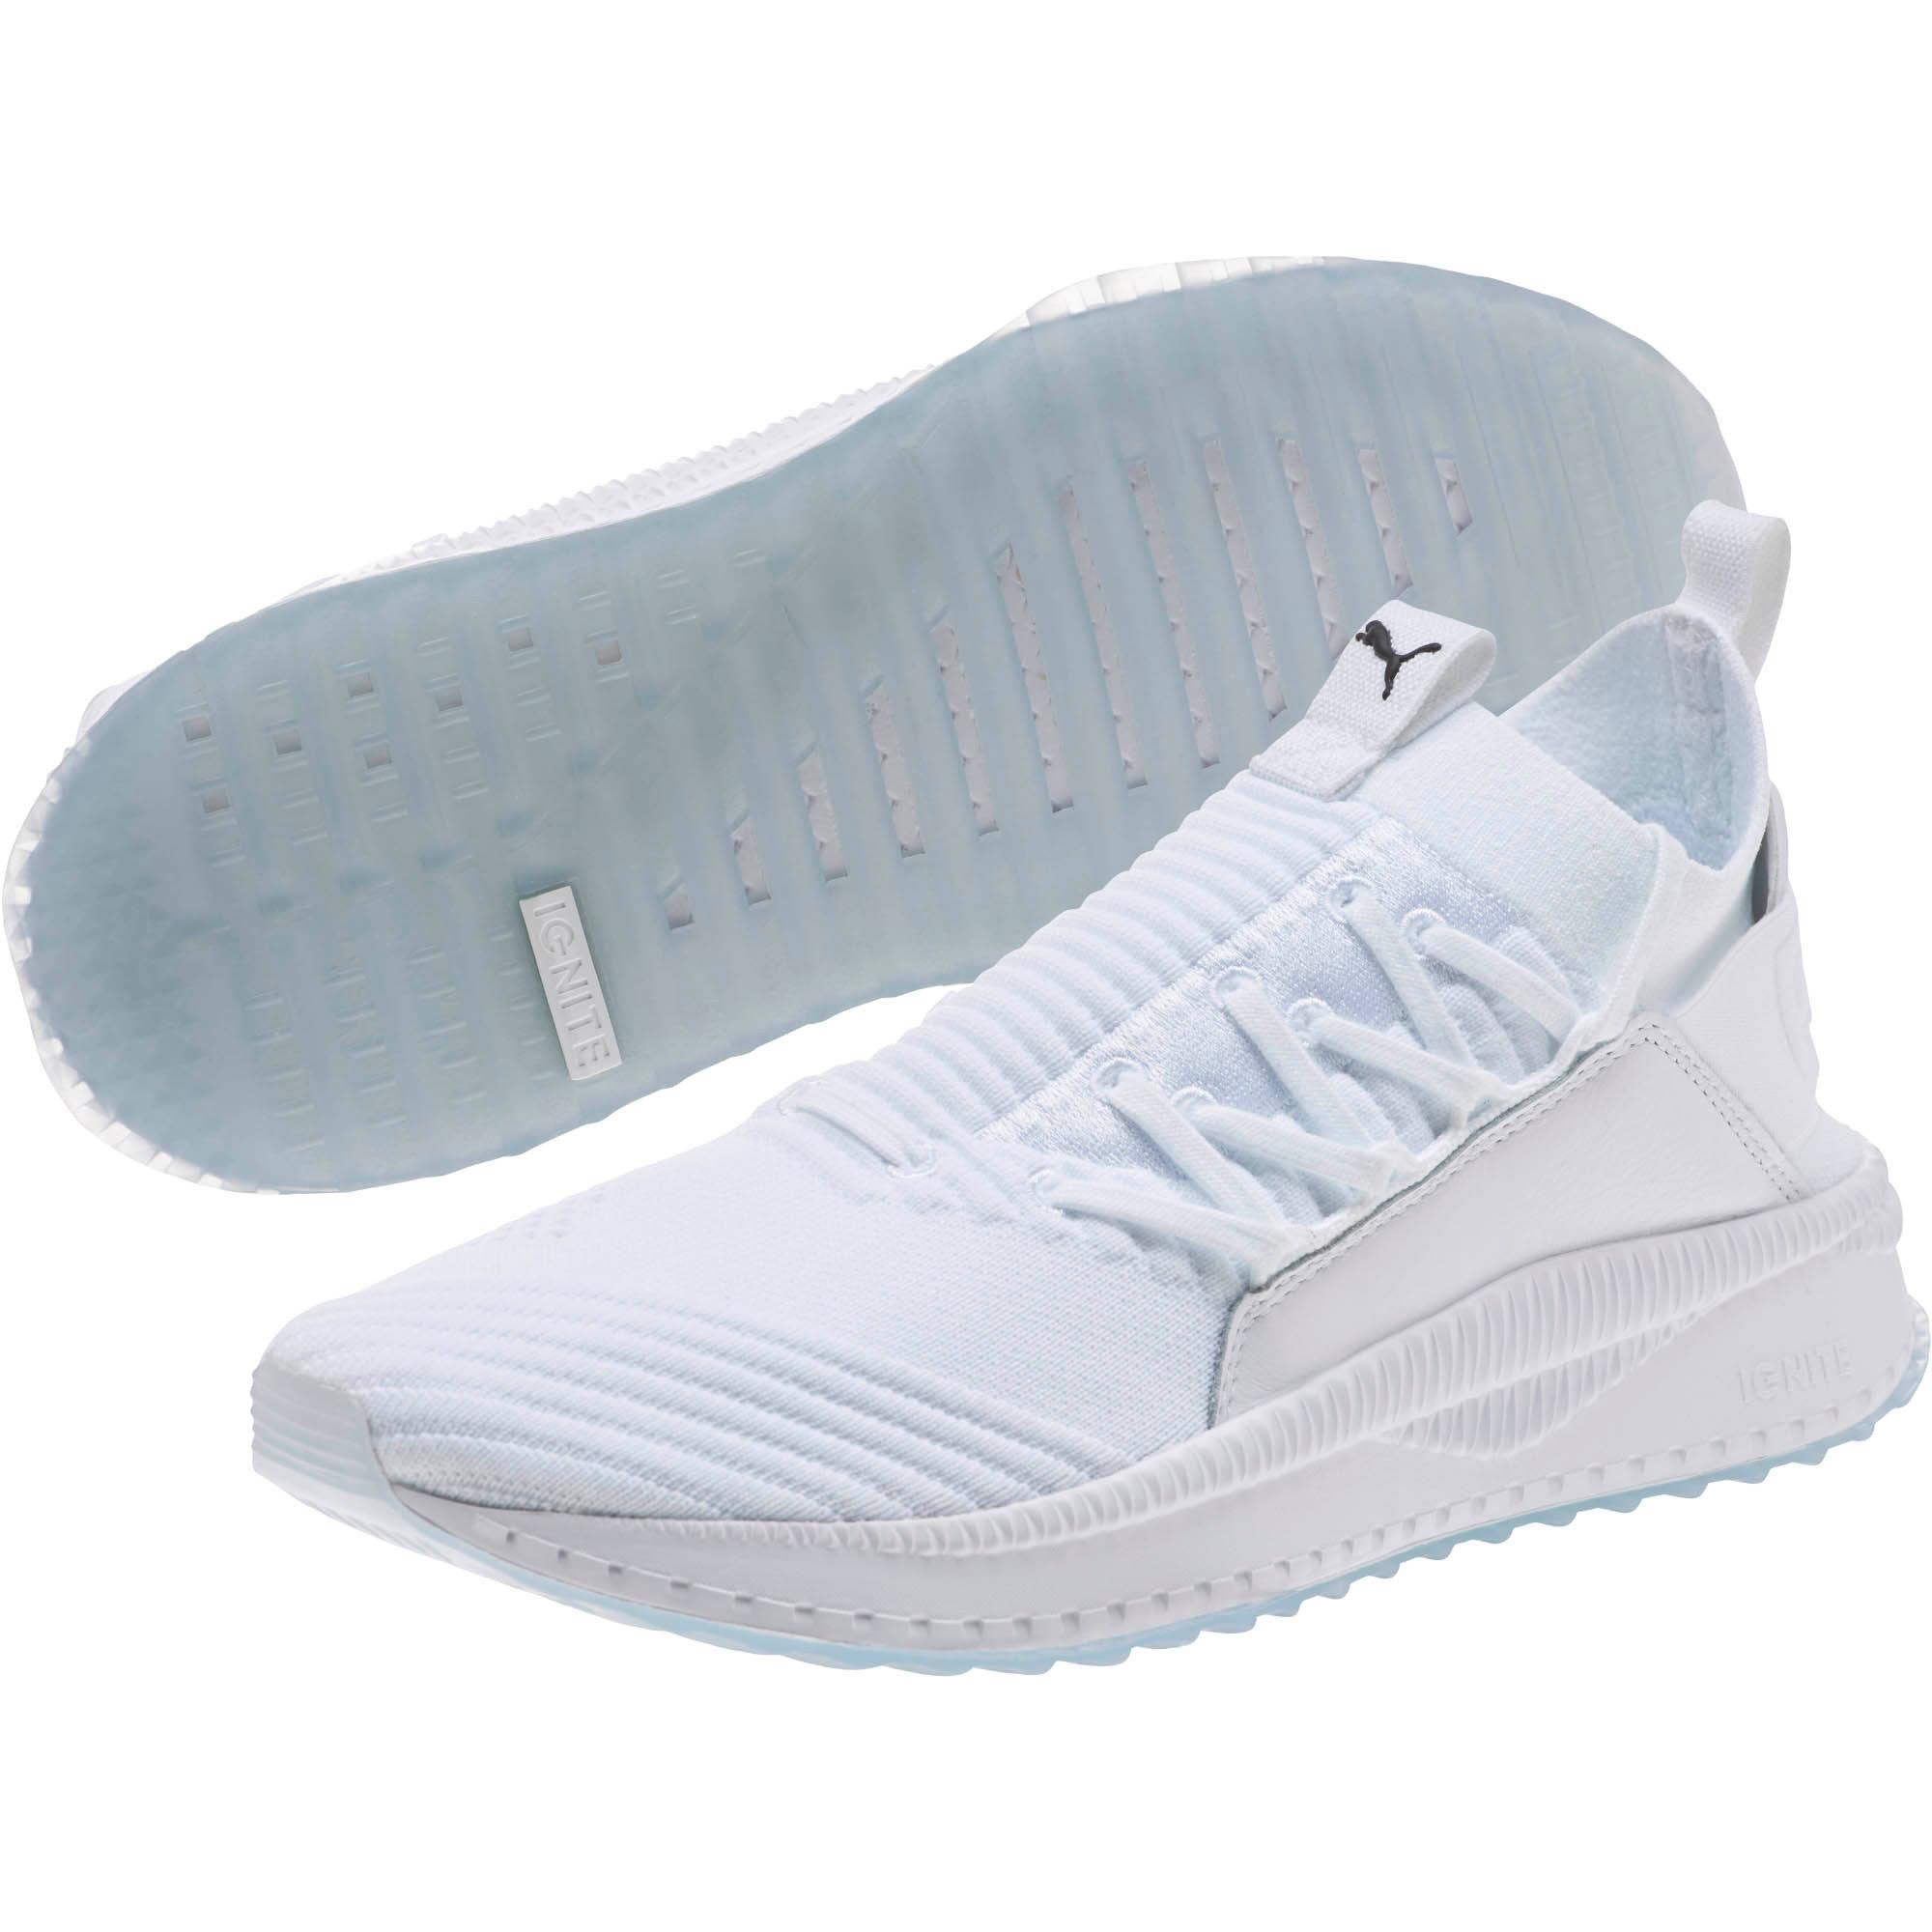 5 Zapatillas Tamaño Jun 8 Tsugi Hombre Puma Blanco qZCr0Oq1